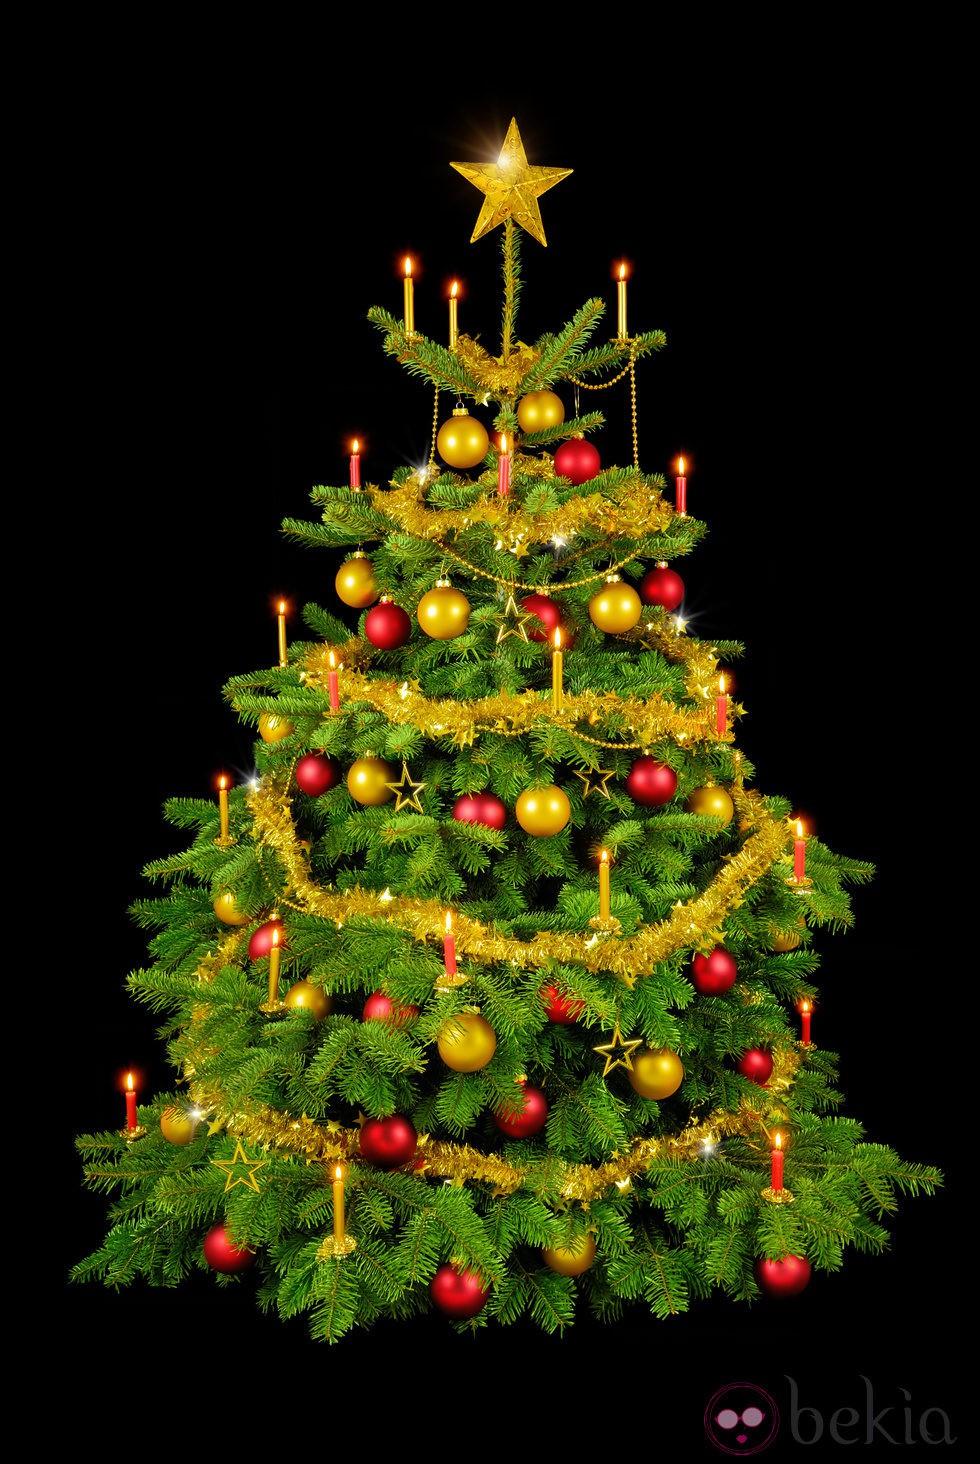 Rbol de navidad decorado con adornos dorados y rojos - Imagenes de arboles navidad decorados ...